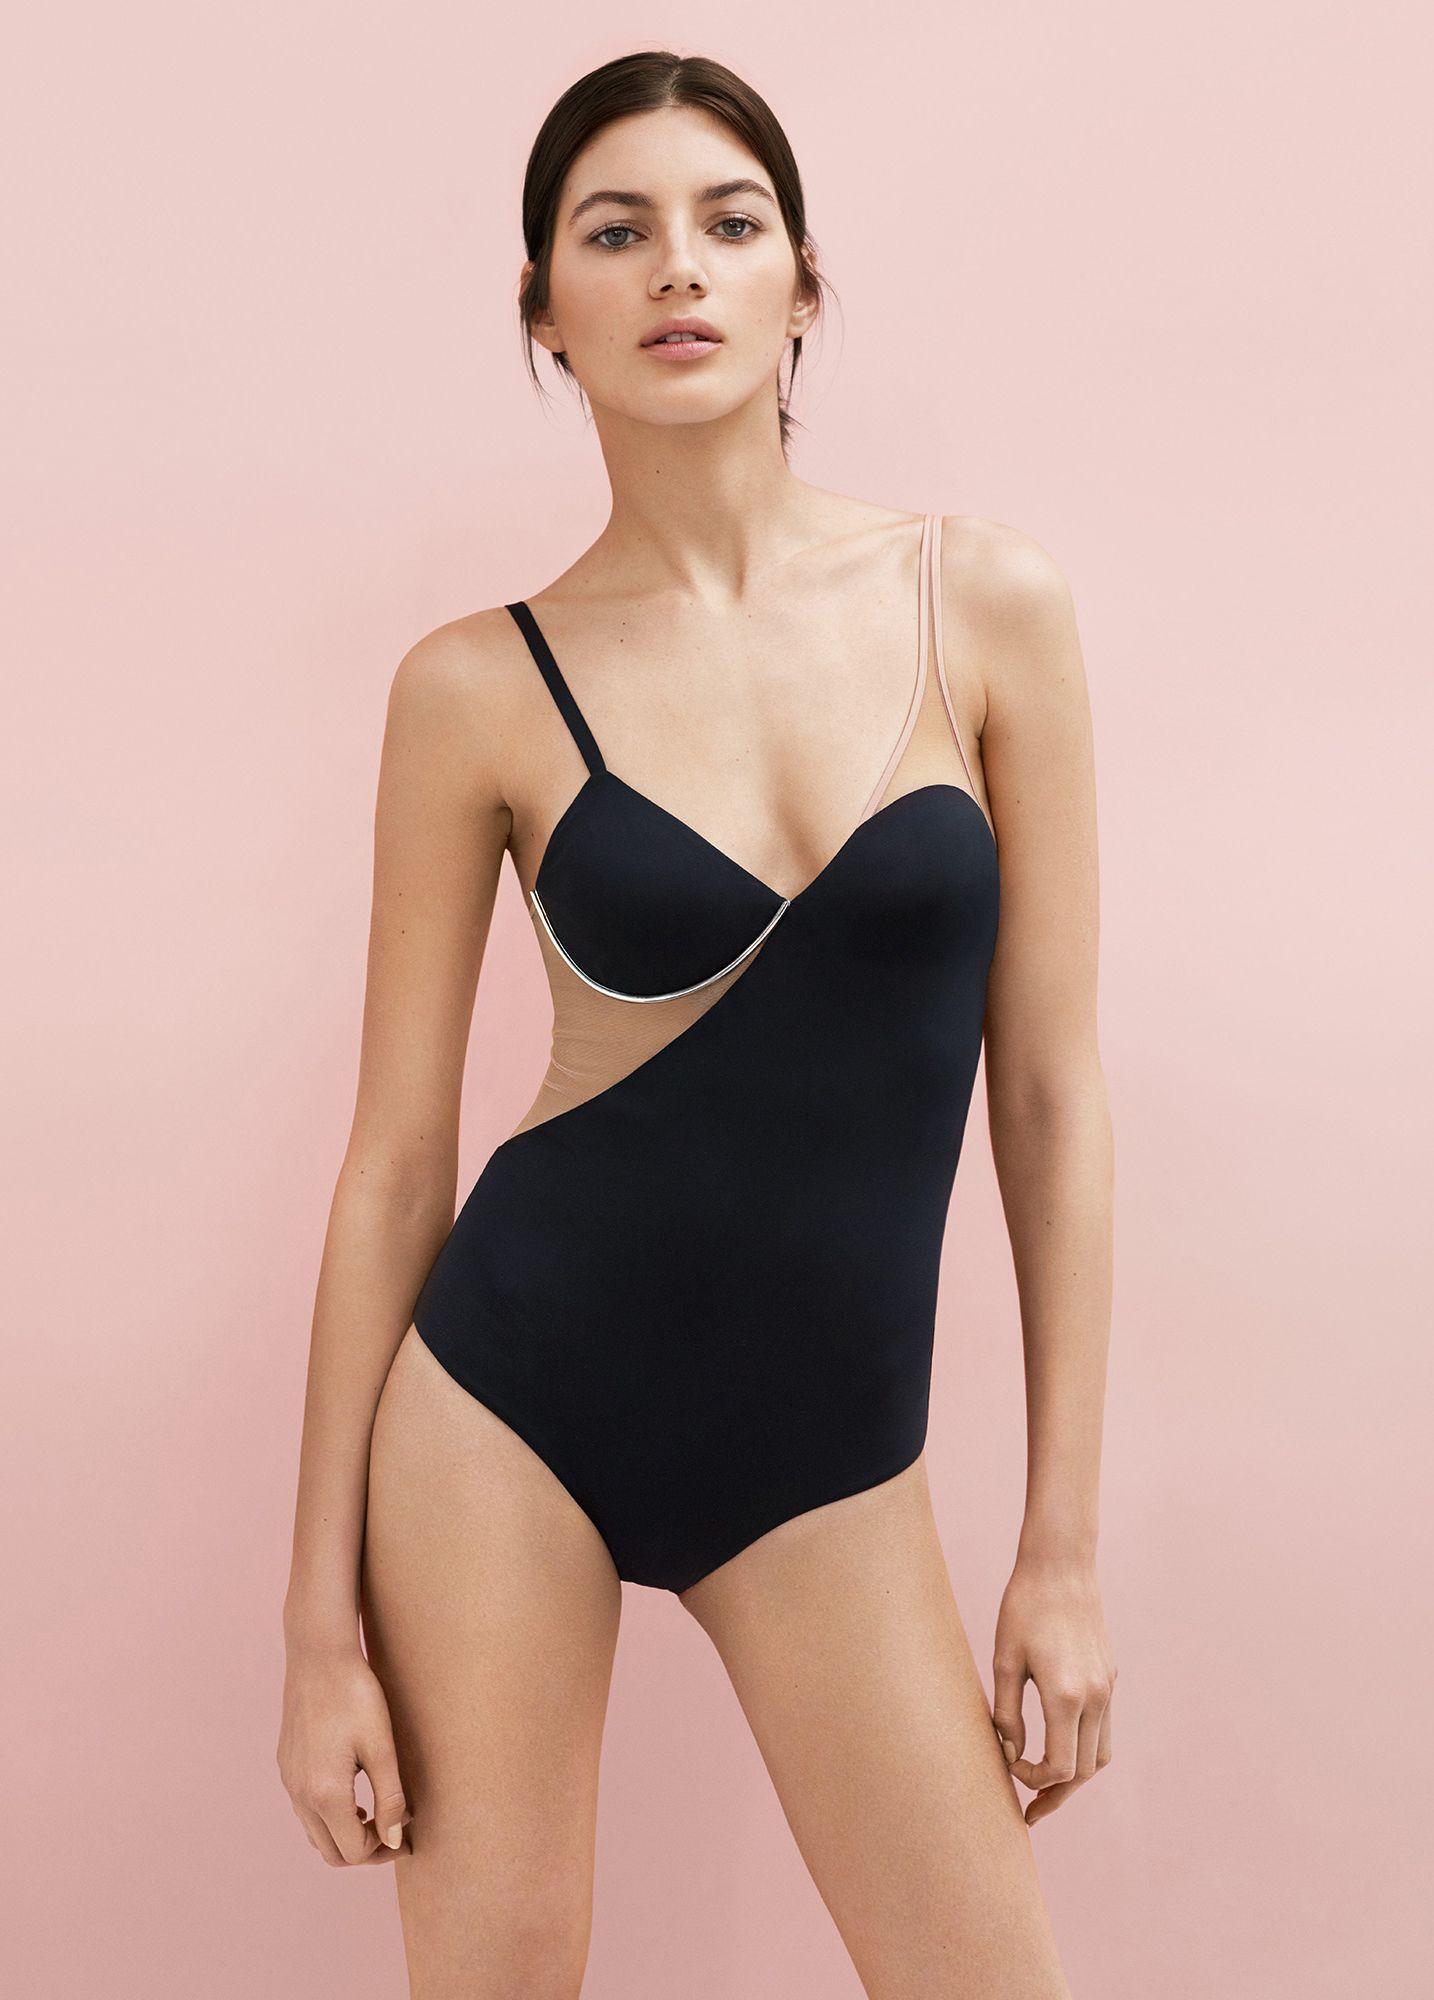 Valery kaufman wears the La Perla Wired swimsuit  4f13a1f03885